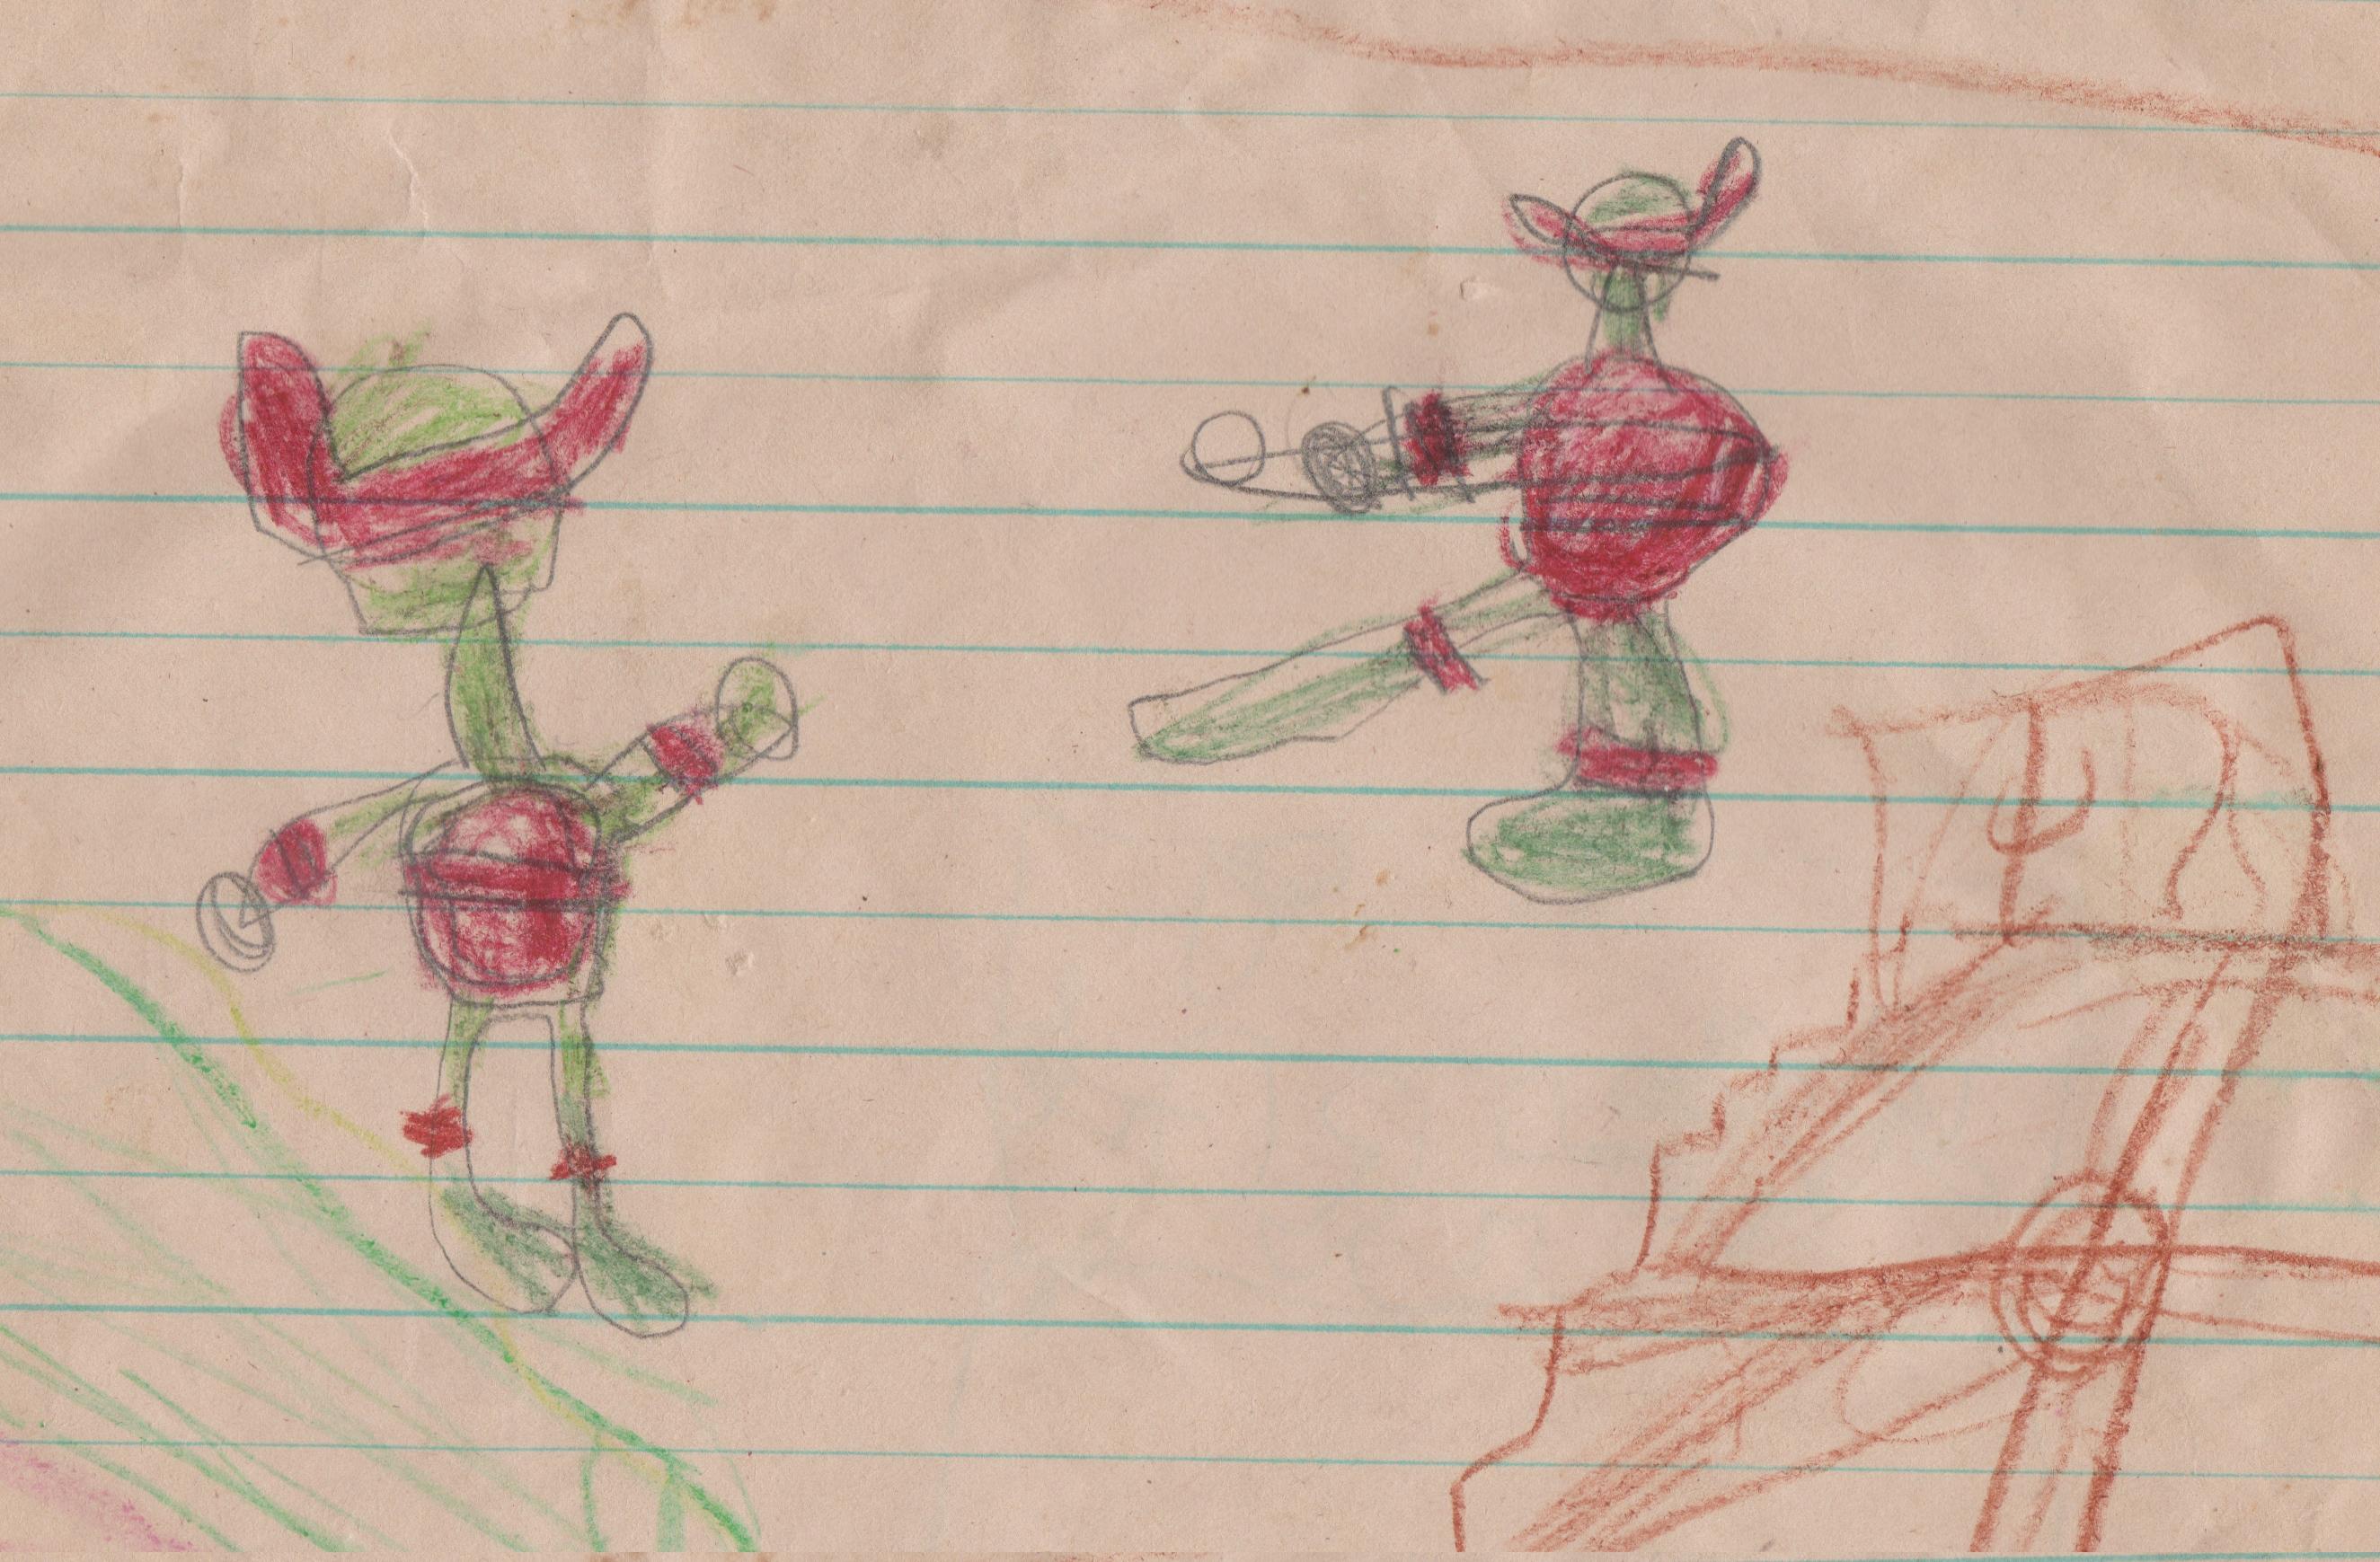 1992 maybe - Turtles - 2020-06-17 - CROPPED 2.jpg